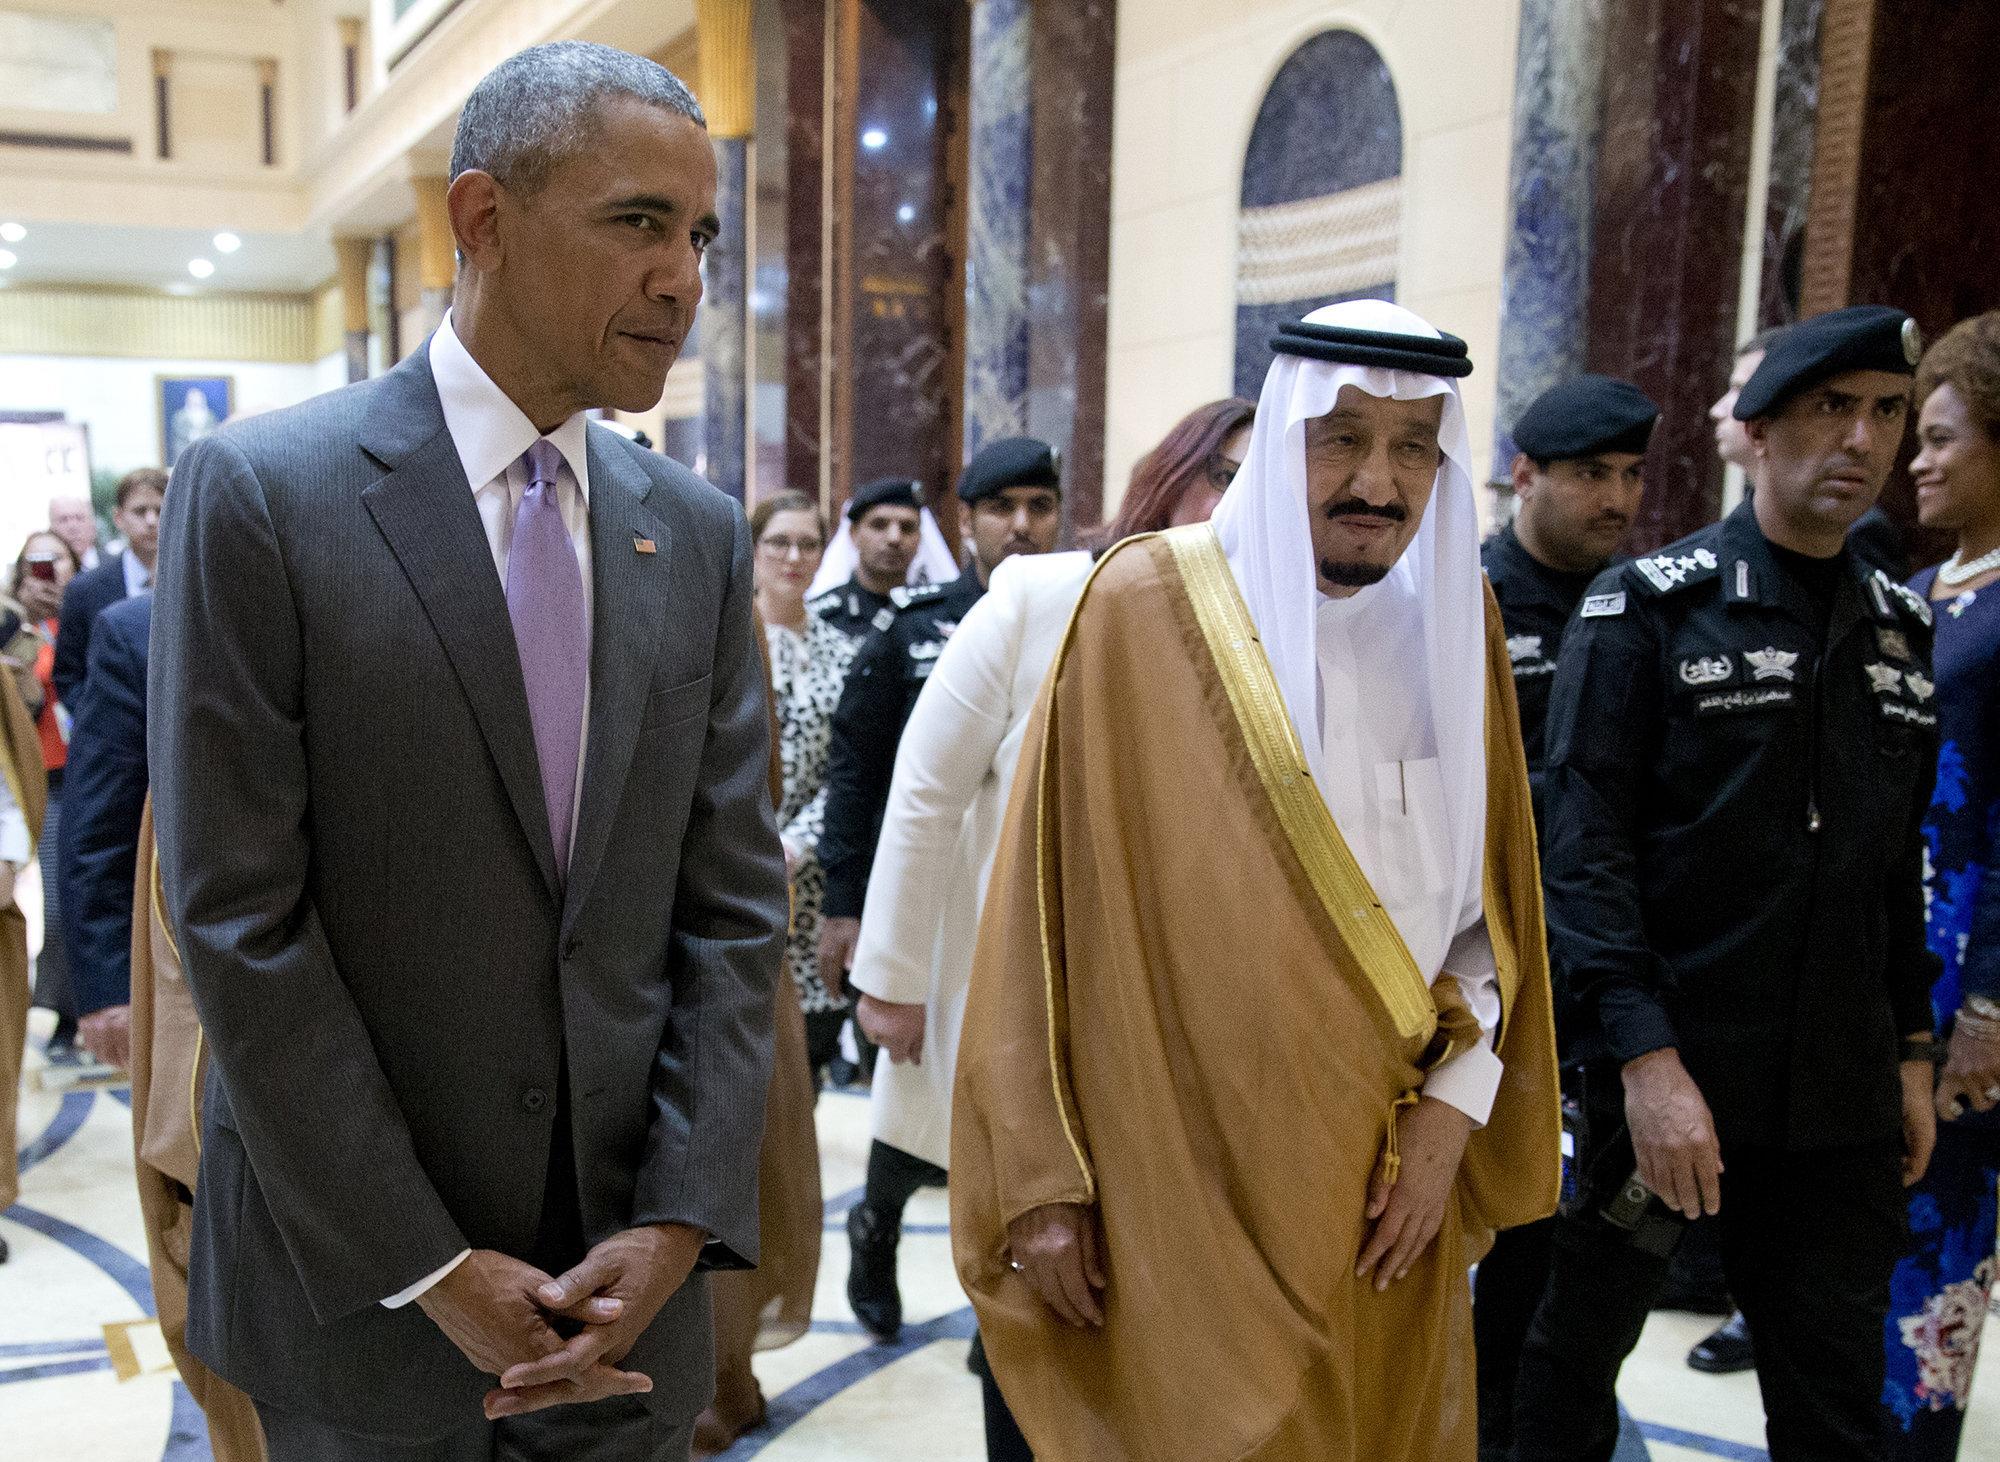 Визит Обамы в Саудовскую Аравию